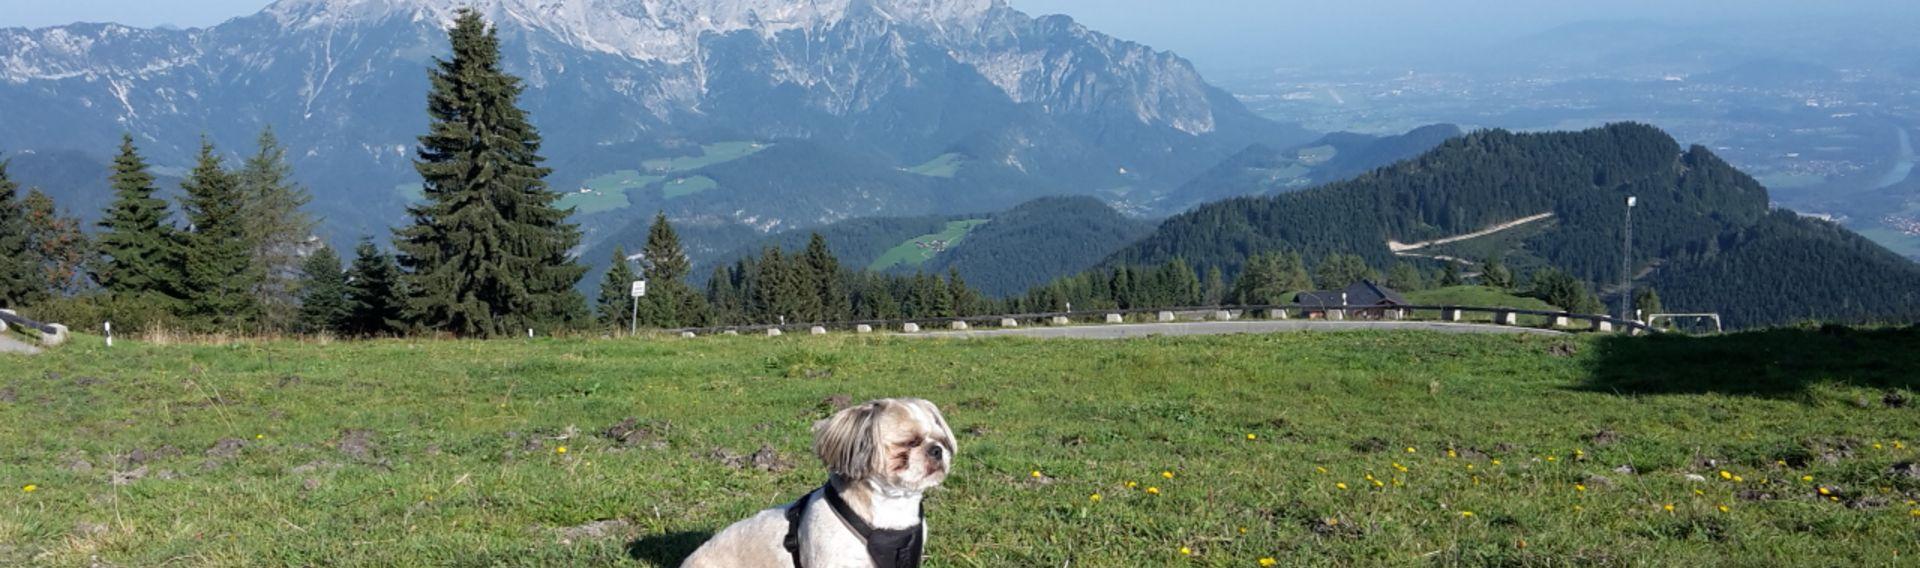 Einreisebestimmungen Hund